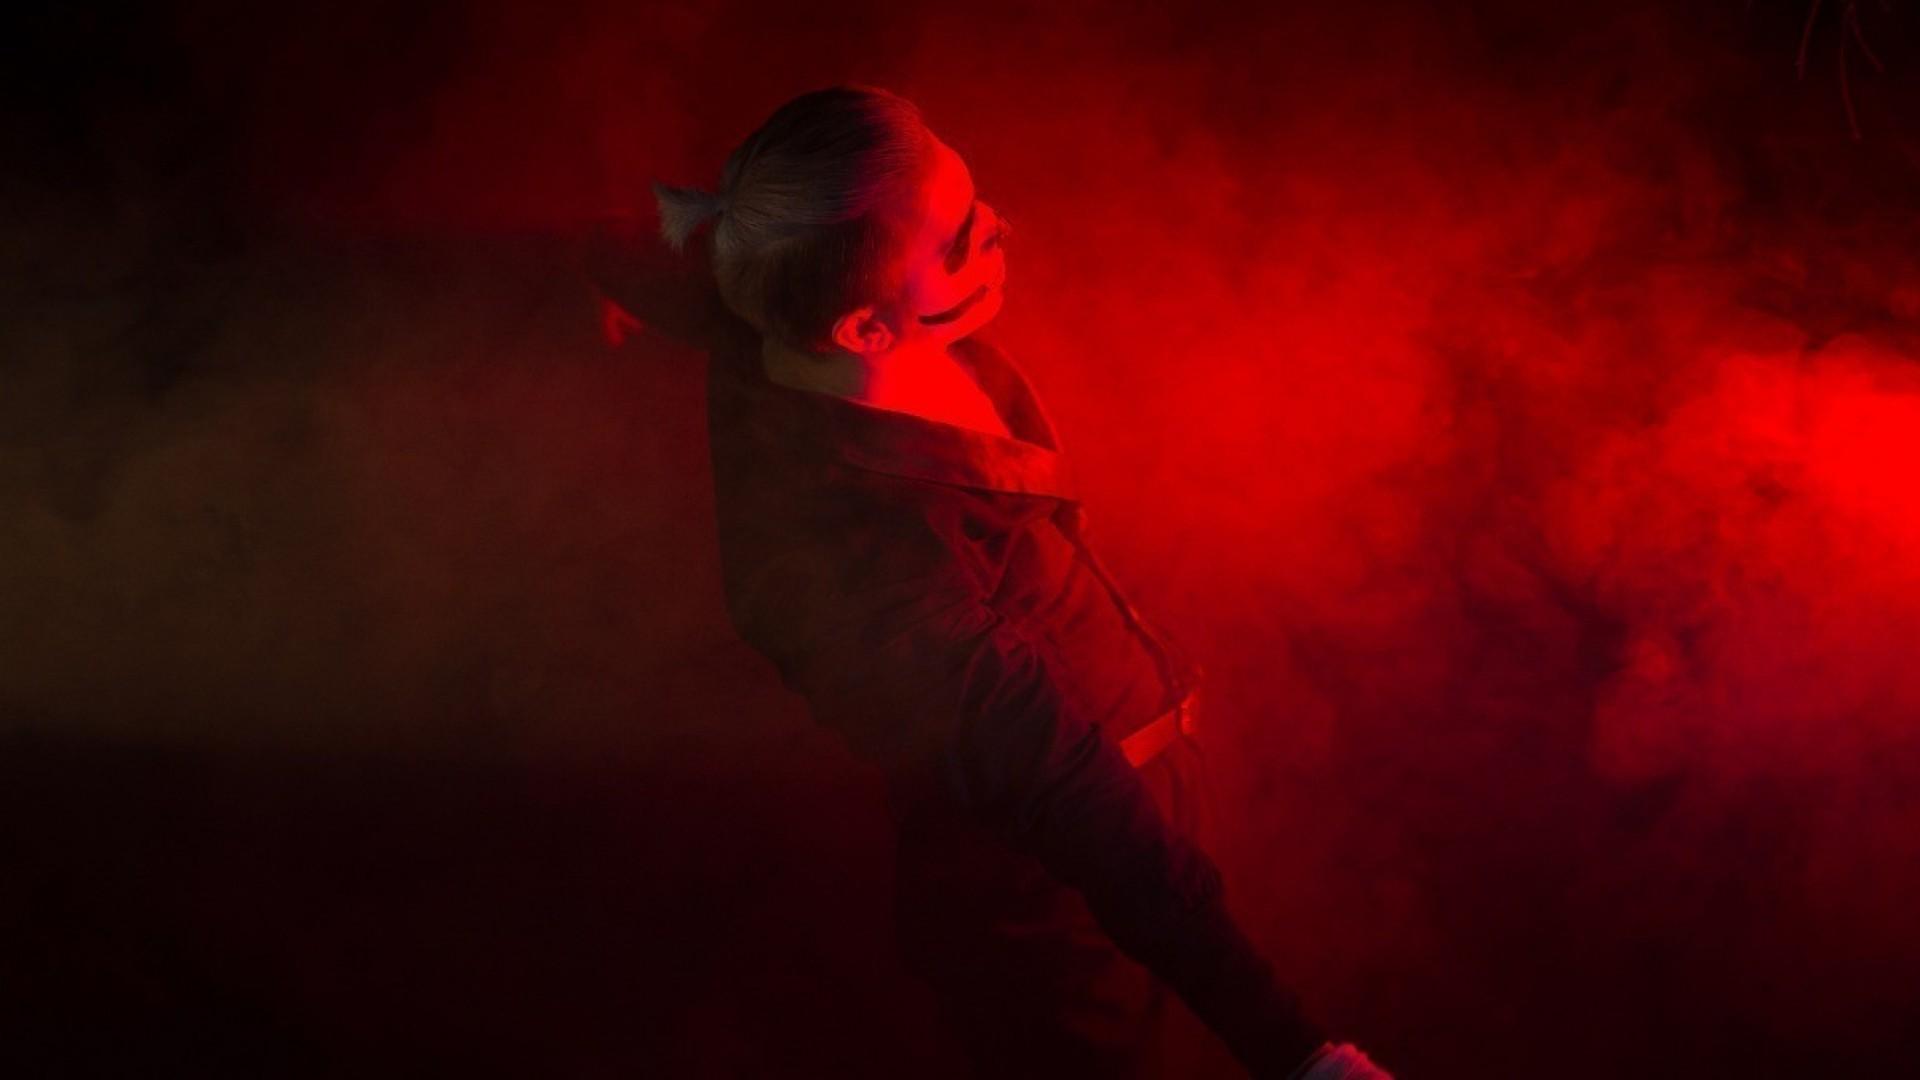 К премьере спектакля «Розенкранц и Гильденстерн мертвы» в «Глобусе» открывается фотовыставка